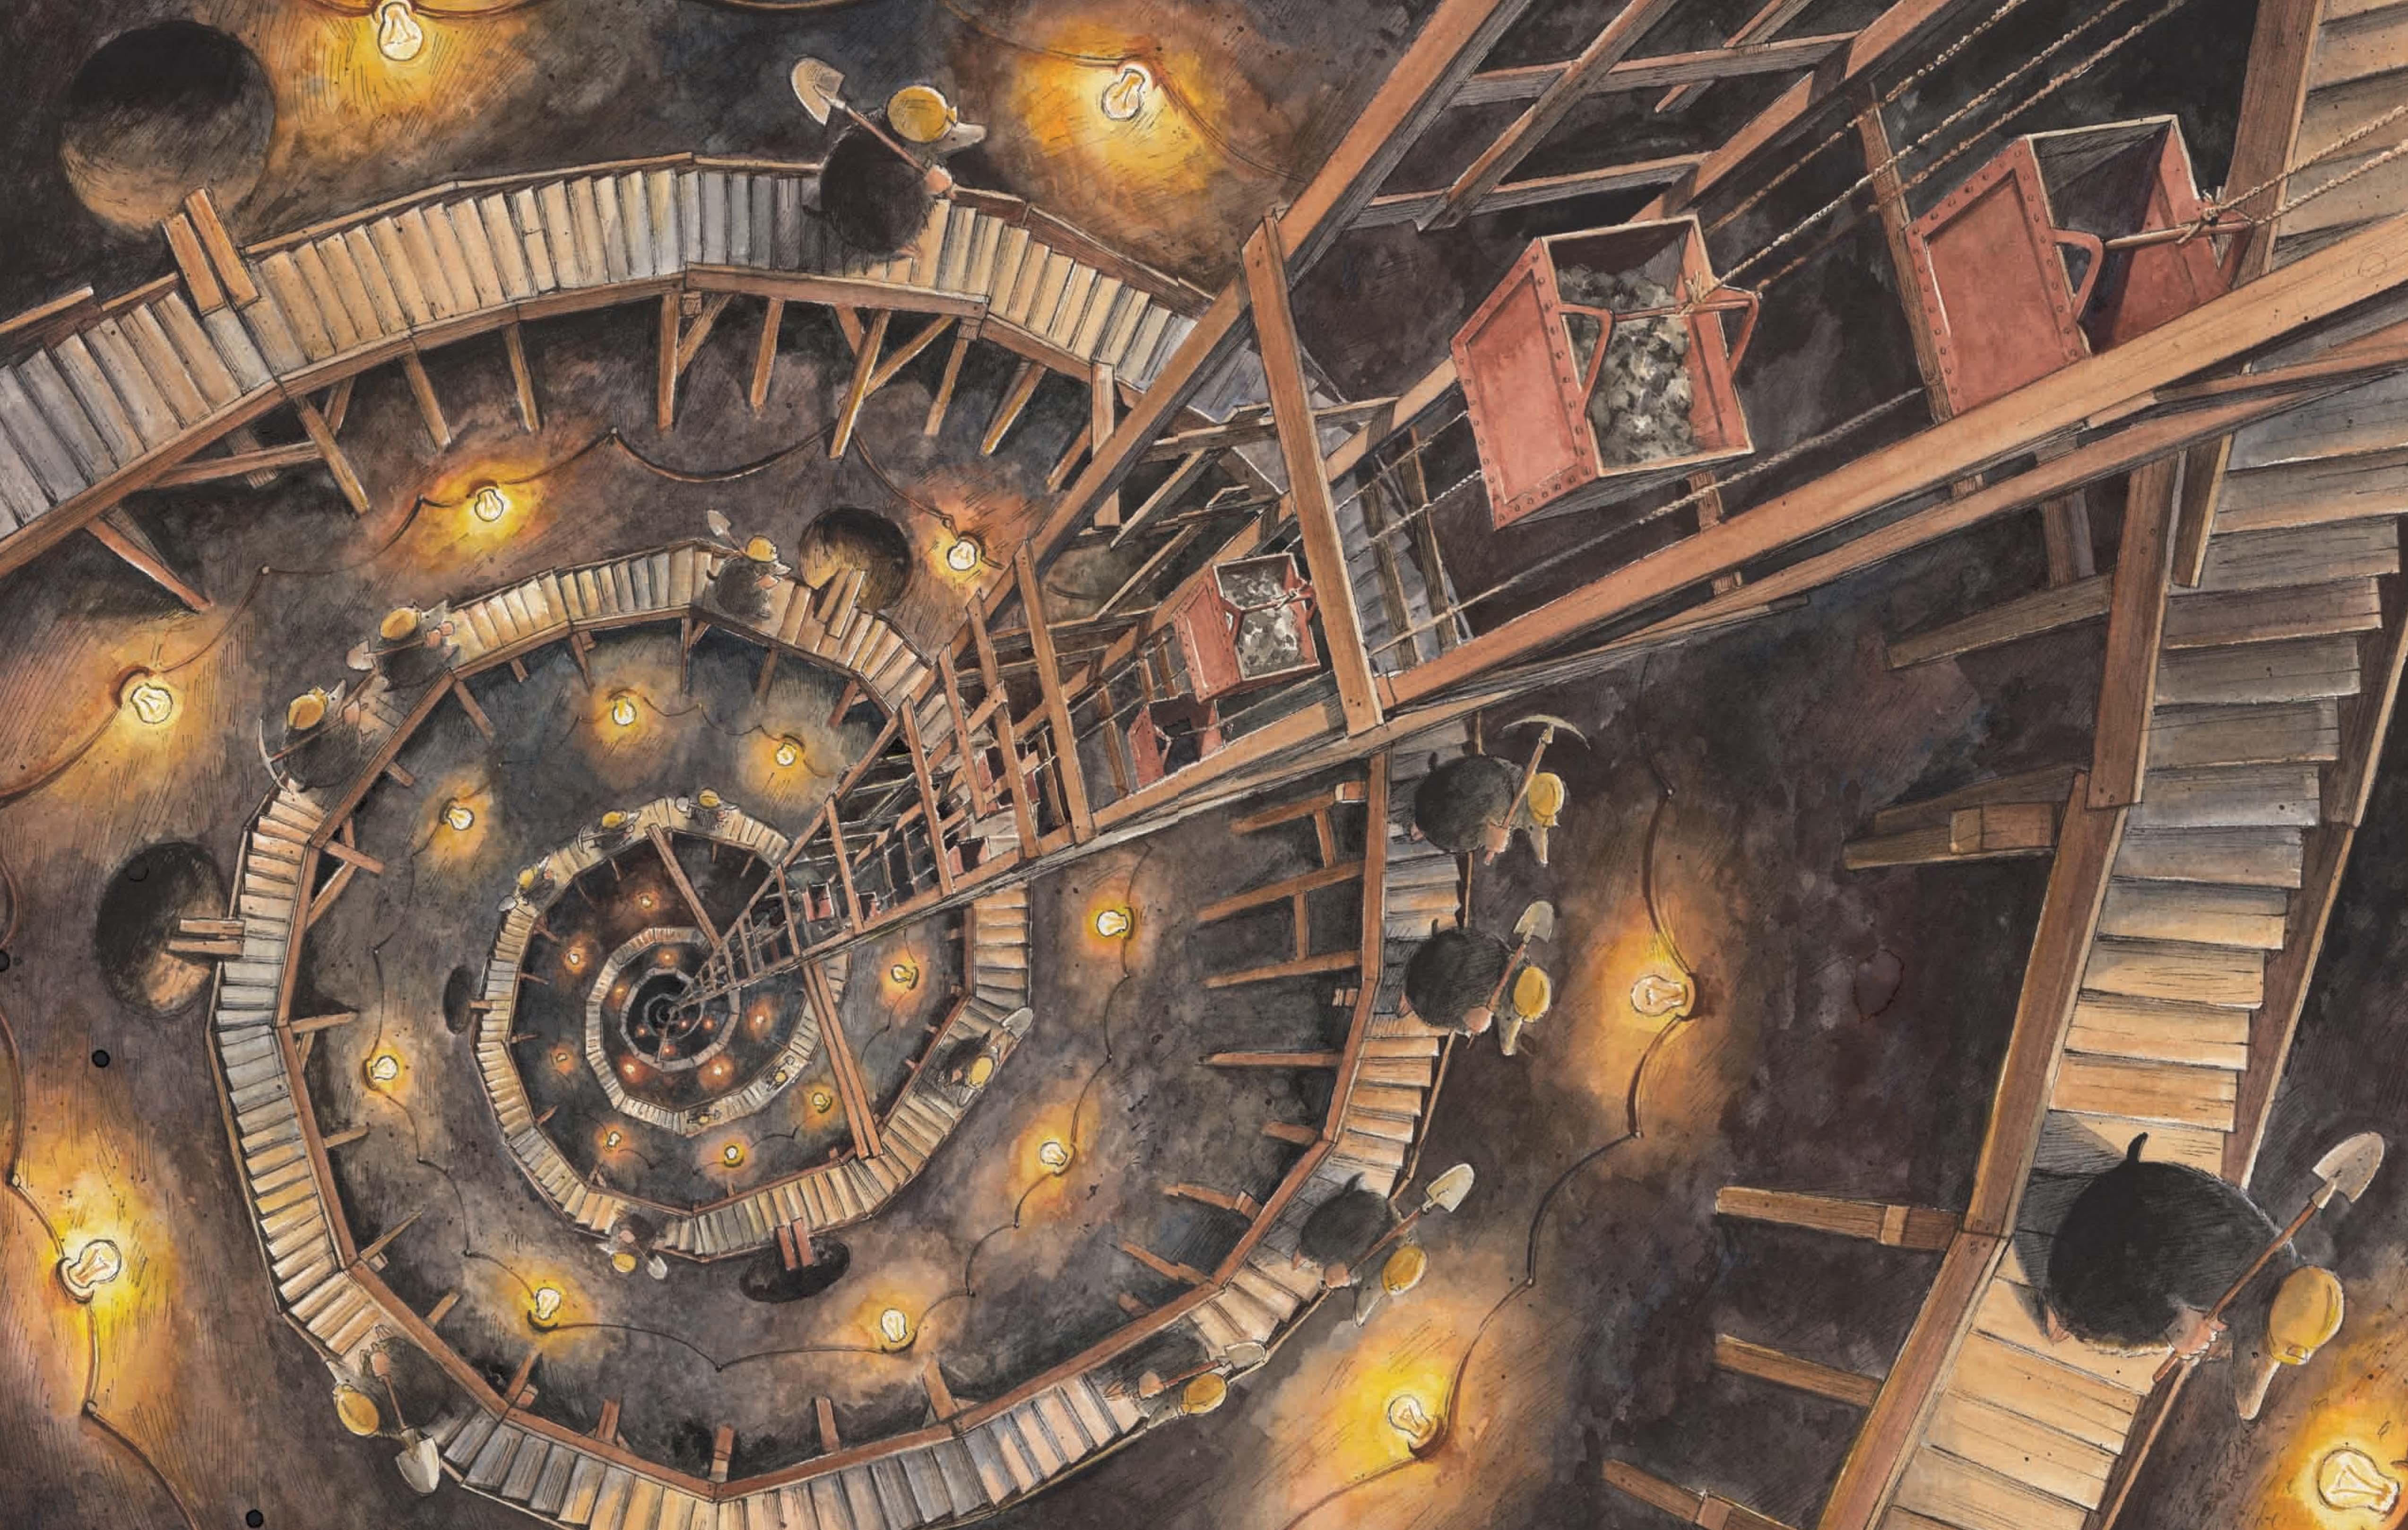 Иллюстрация из книги Город Кротов, Торбен Кульманн